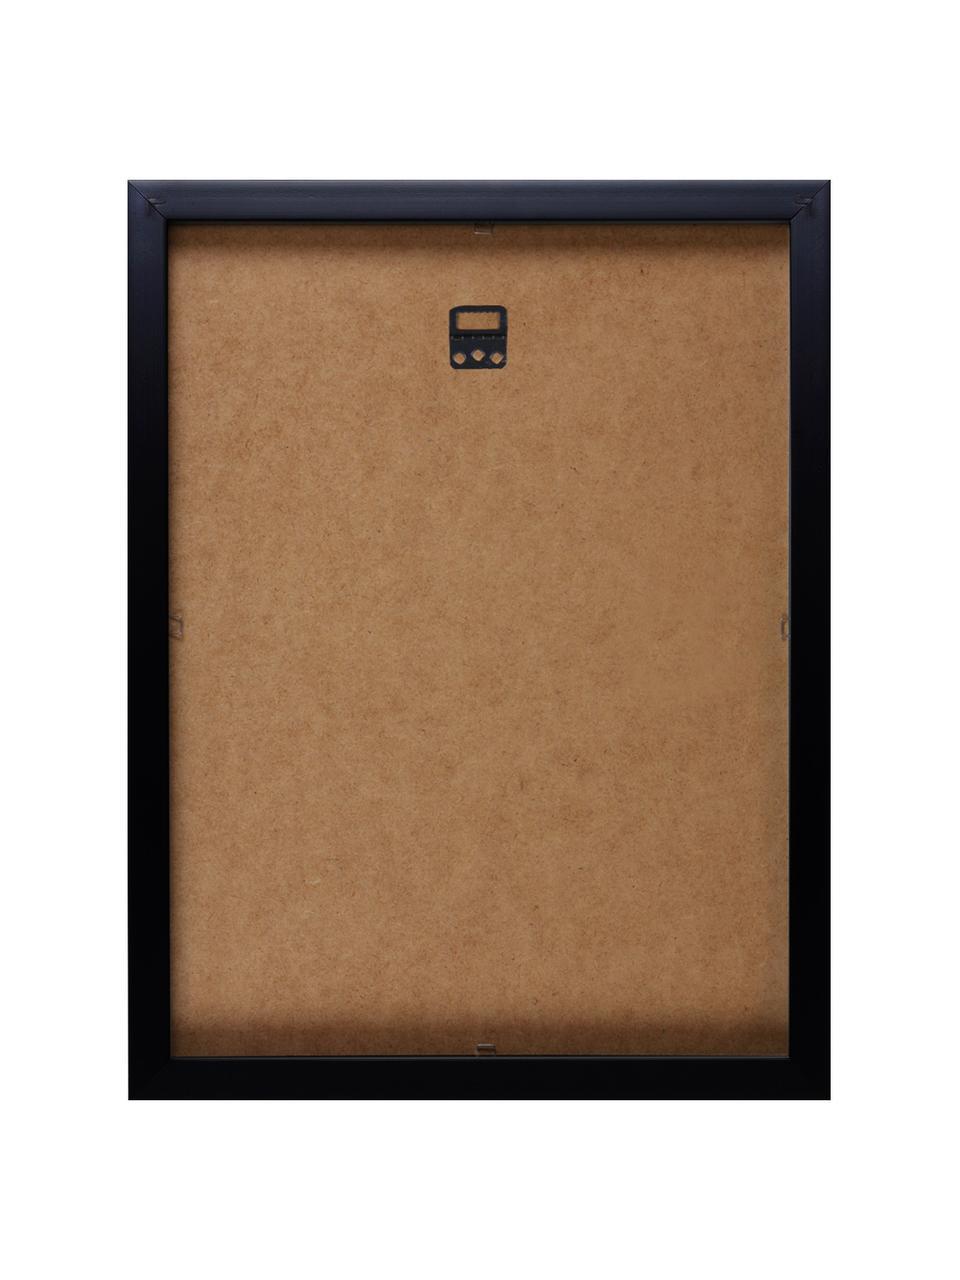 Stampa digitale incorniciata Kiss Andy Warhol Collection , Immagine: stampa digitale, Cornice: materiale sintetico, Immagine: multicolore cornice: nero, Larg. 33 x Alt. 38 cm